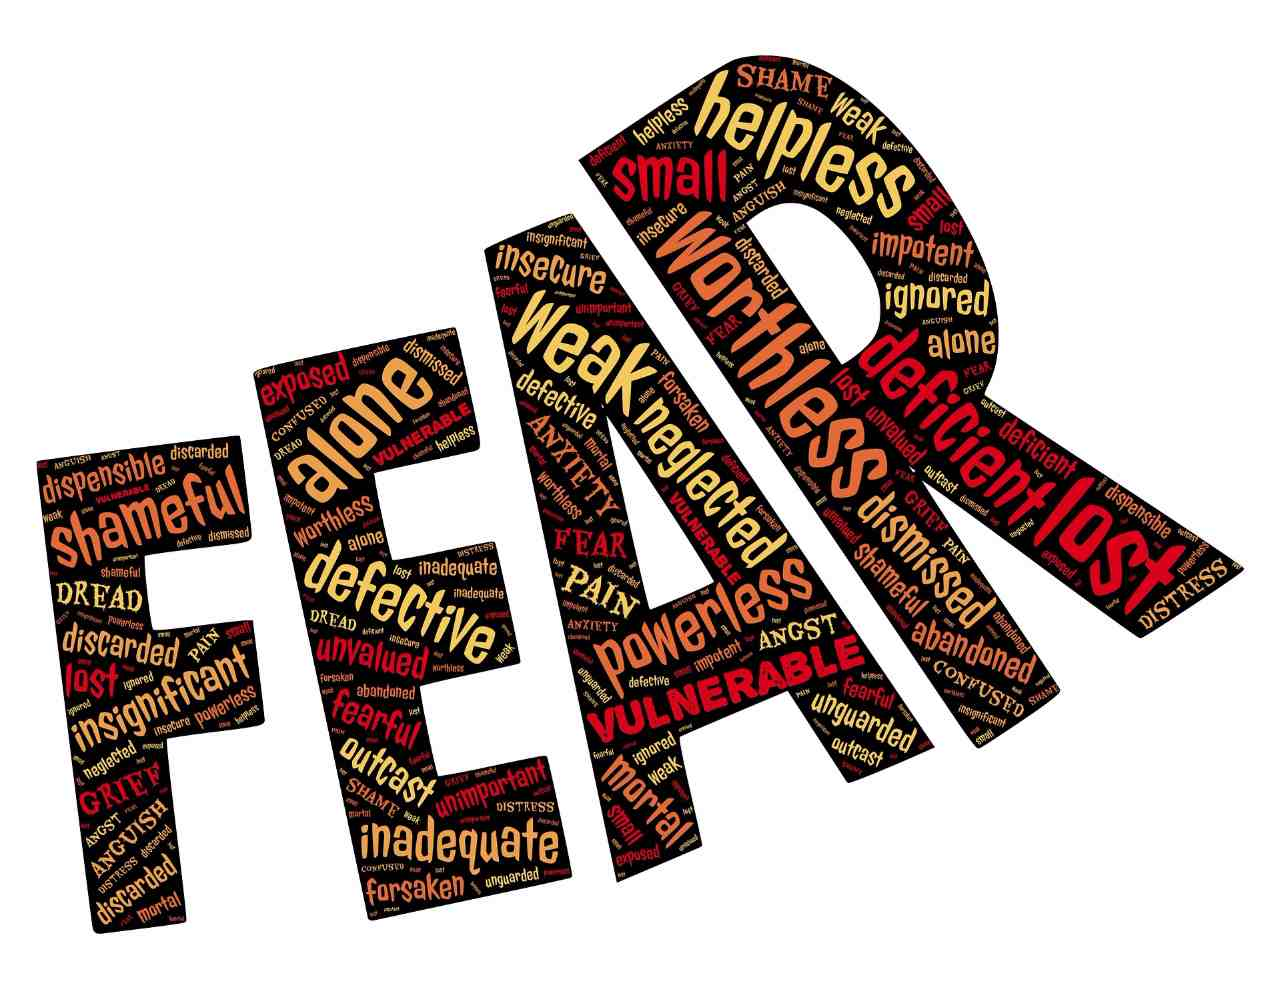 angst voor feedback door onzekerheid